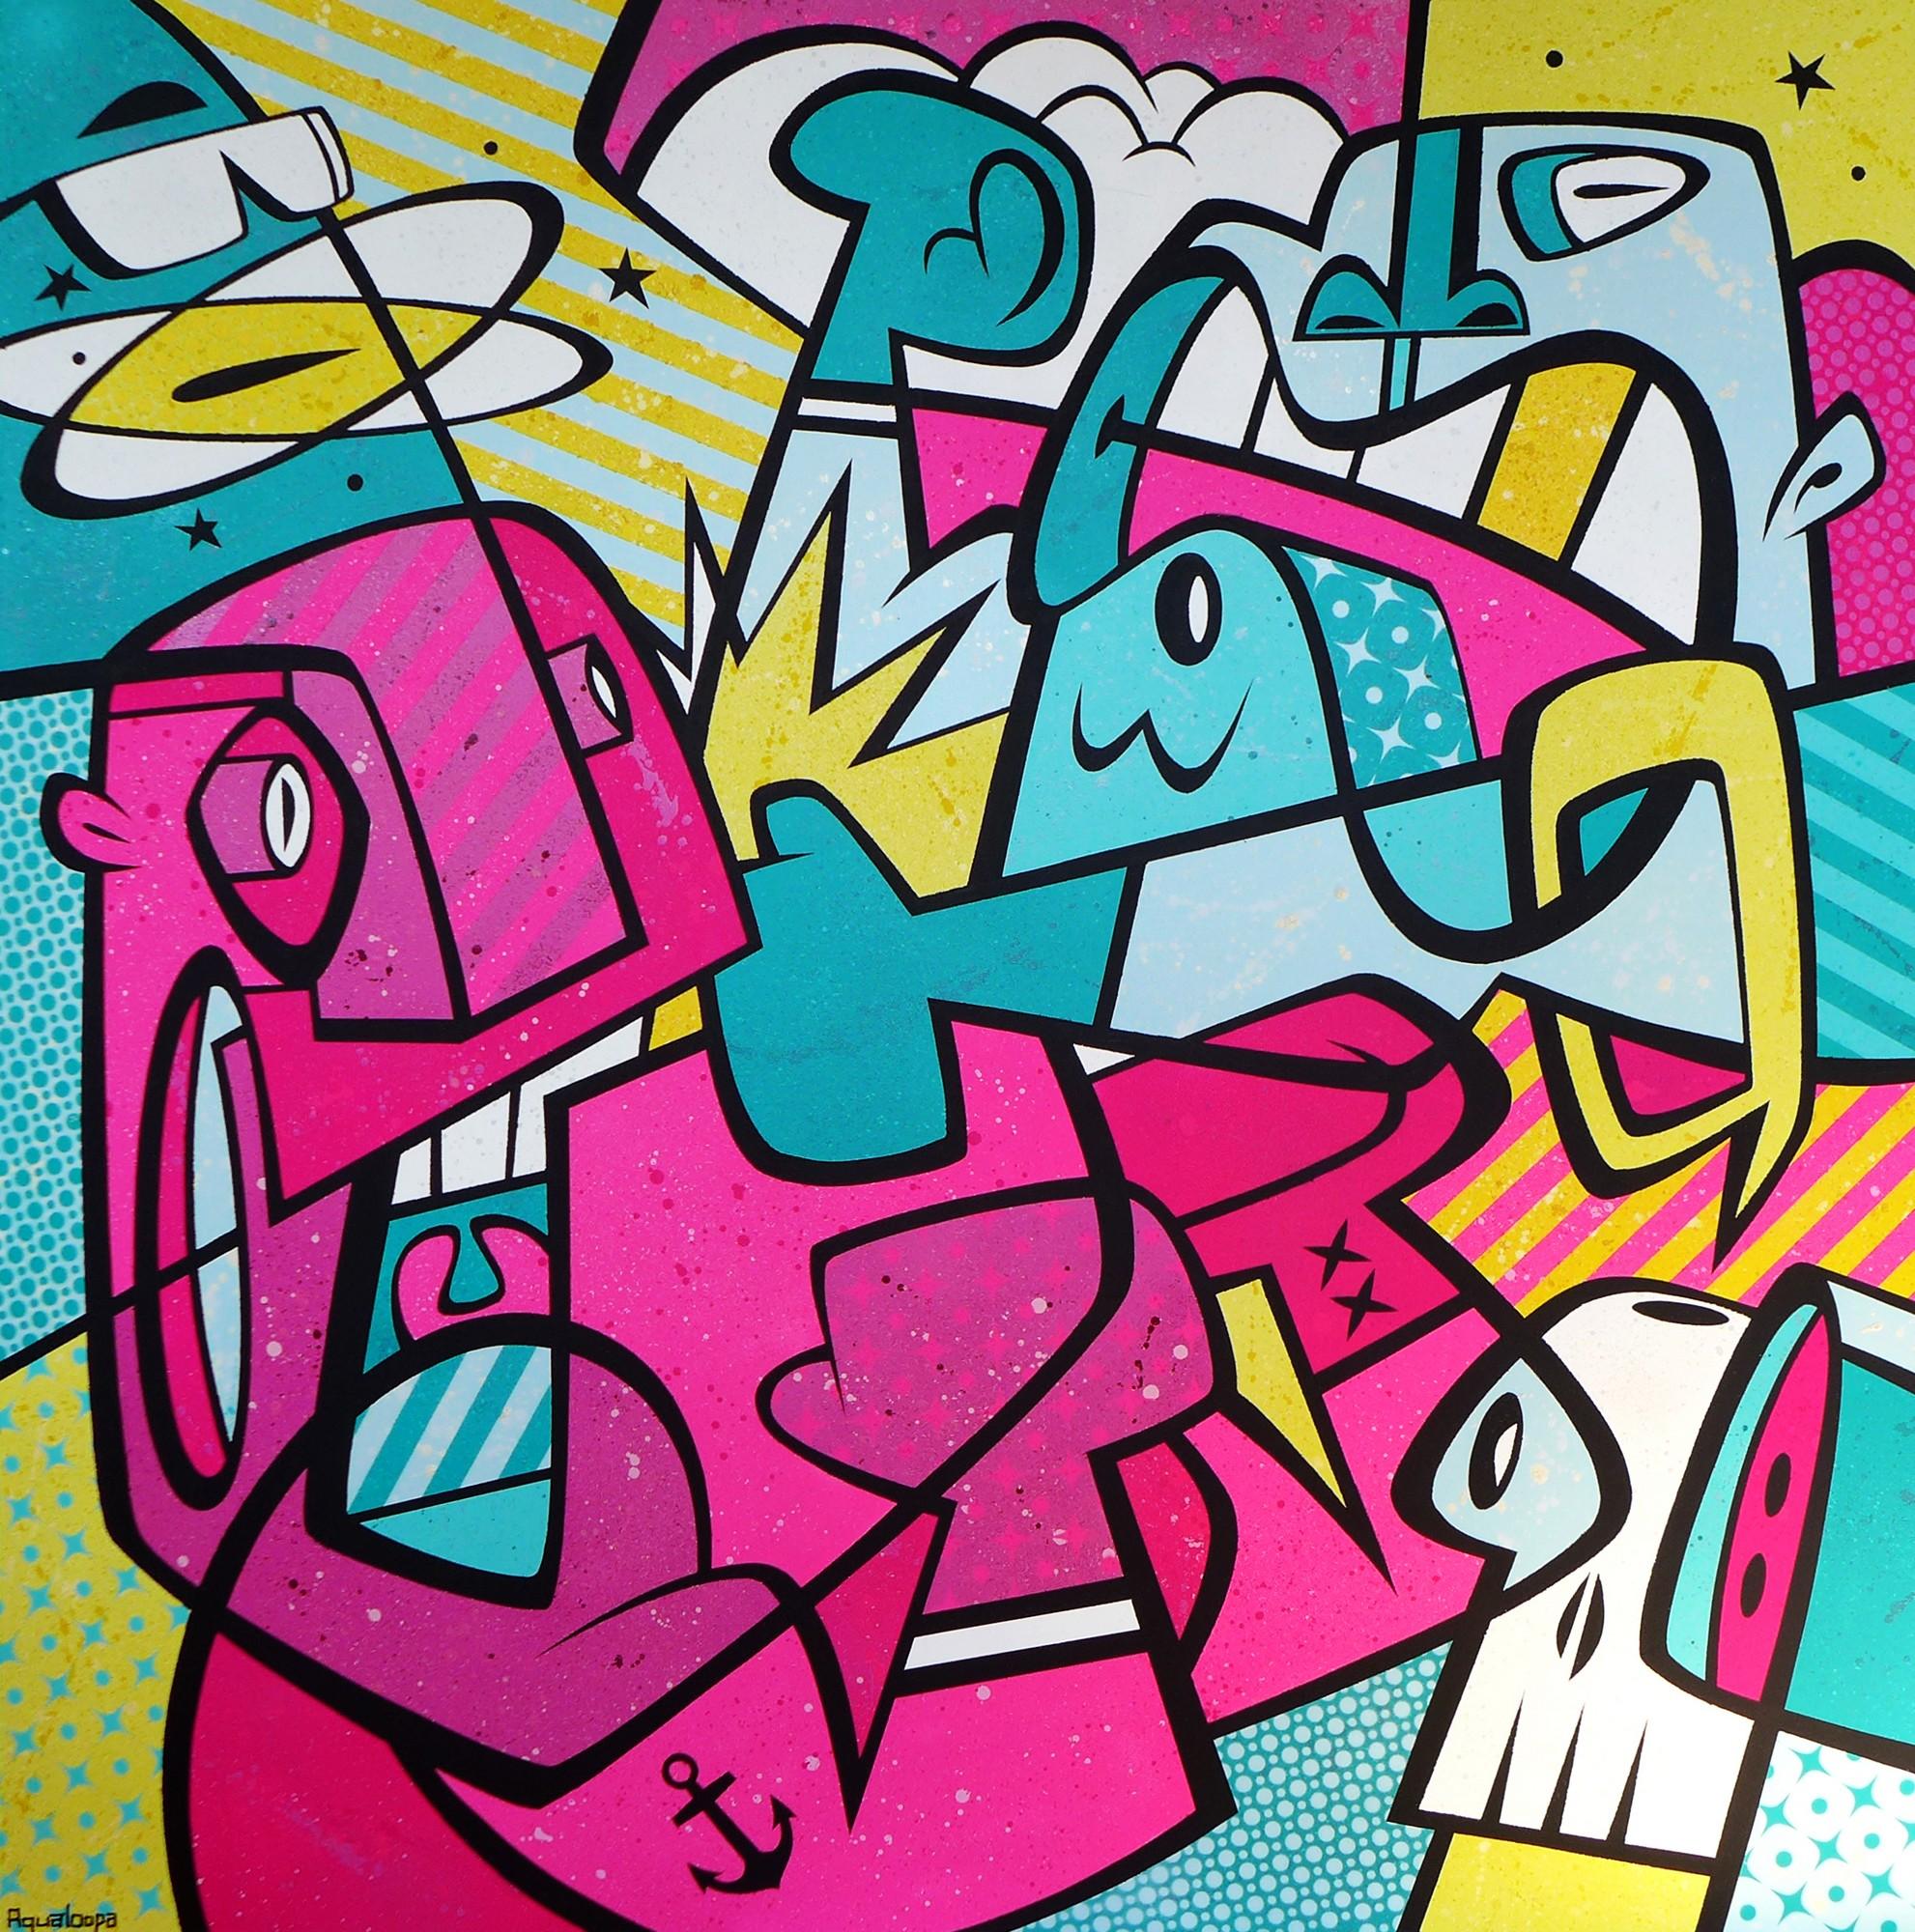 """Aqualoopa (Igor Chołda), """"Box'n'Kox"""", akryl, płótno, 120x120 cm (źródło: materiały prasowe organizatora)"""